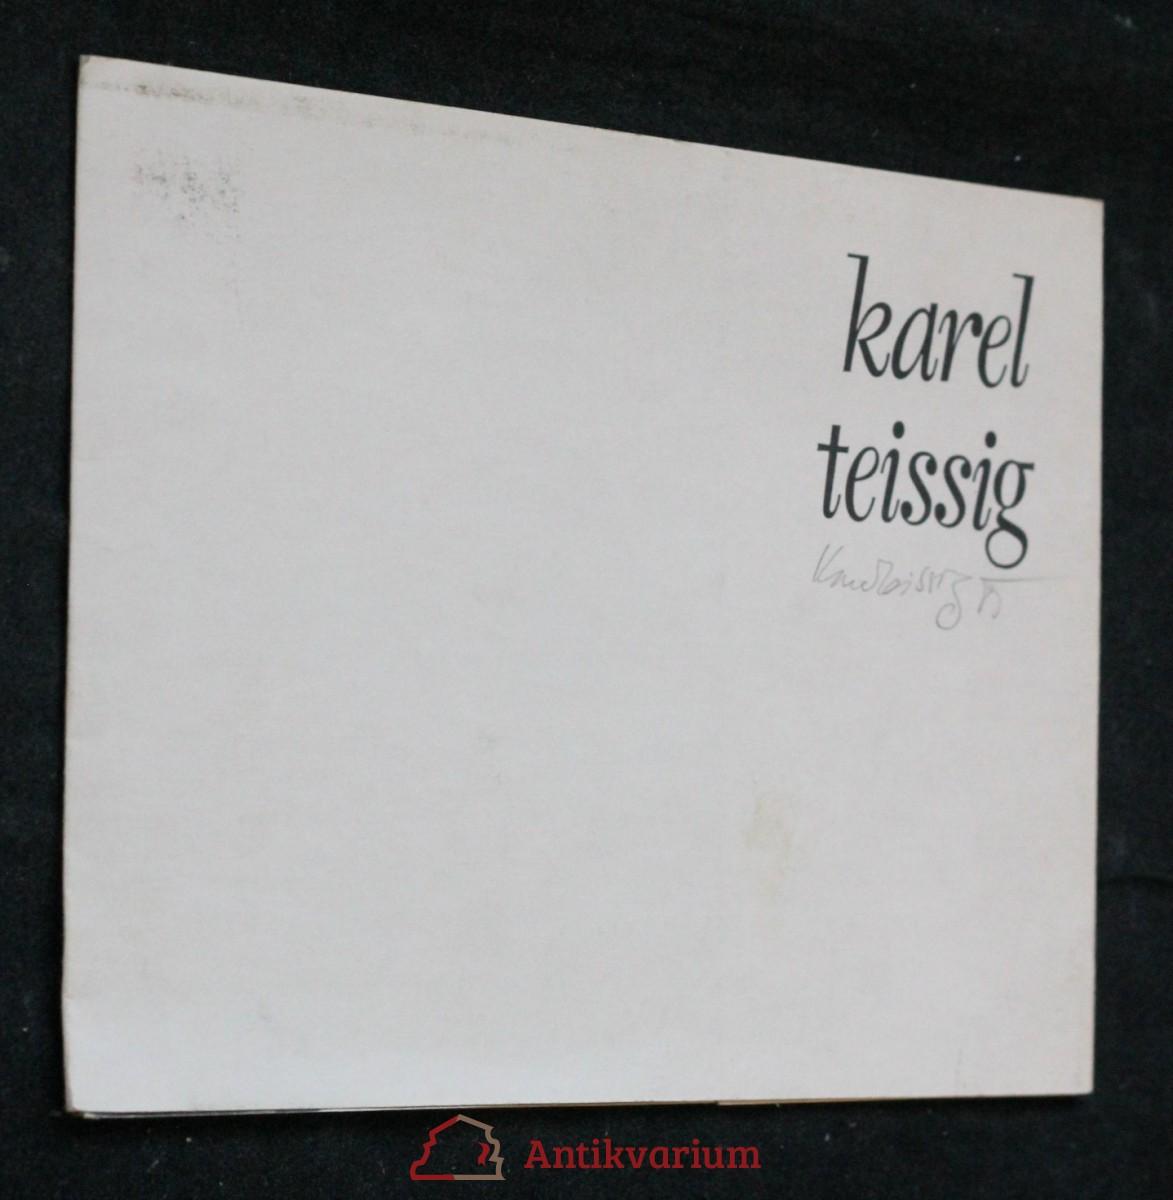 antikvární kniha Karel Teissig , 1981